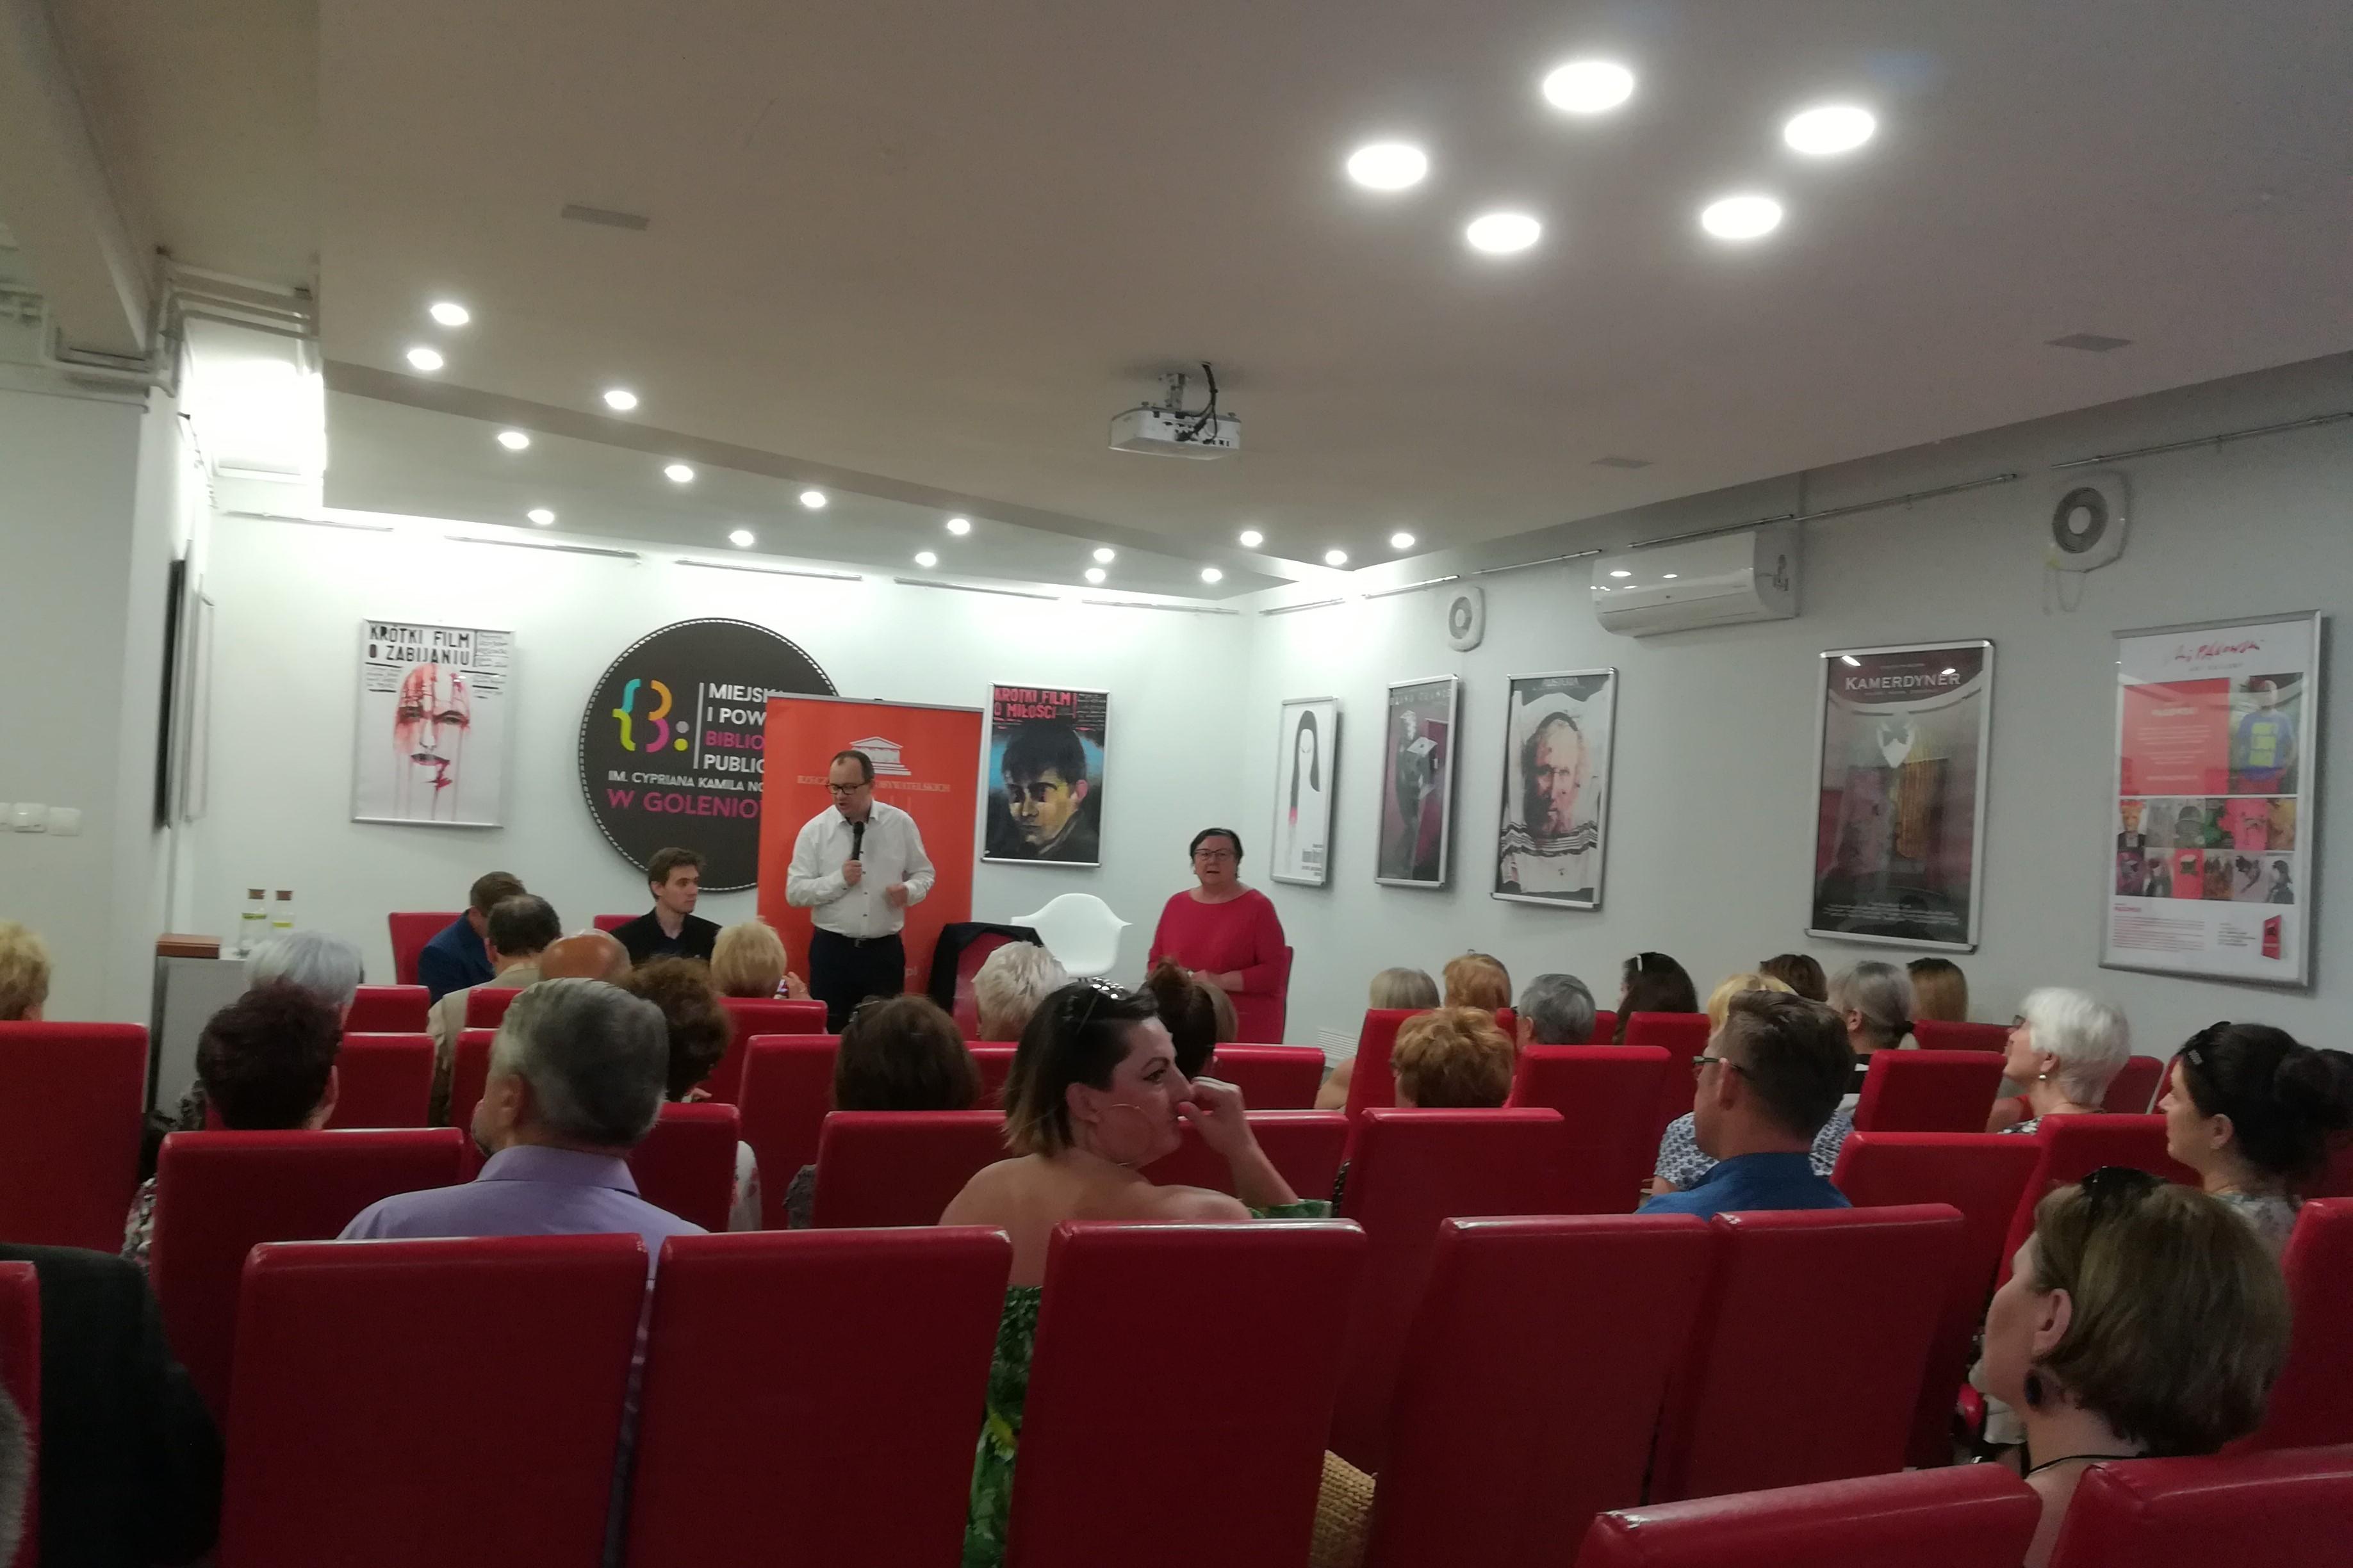 Ludzie na sali, czerwone krzesła